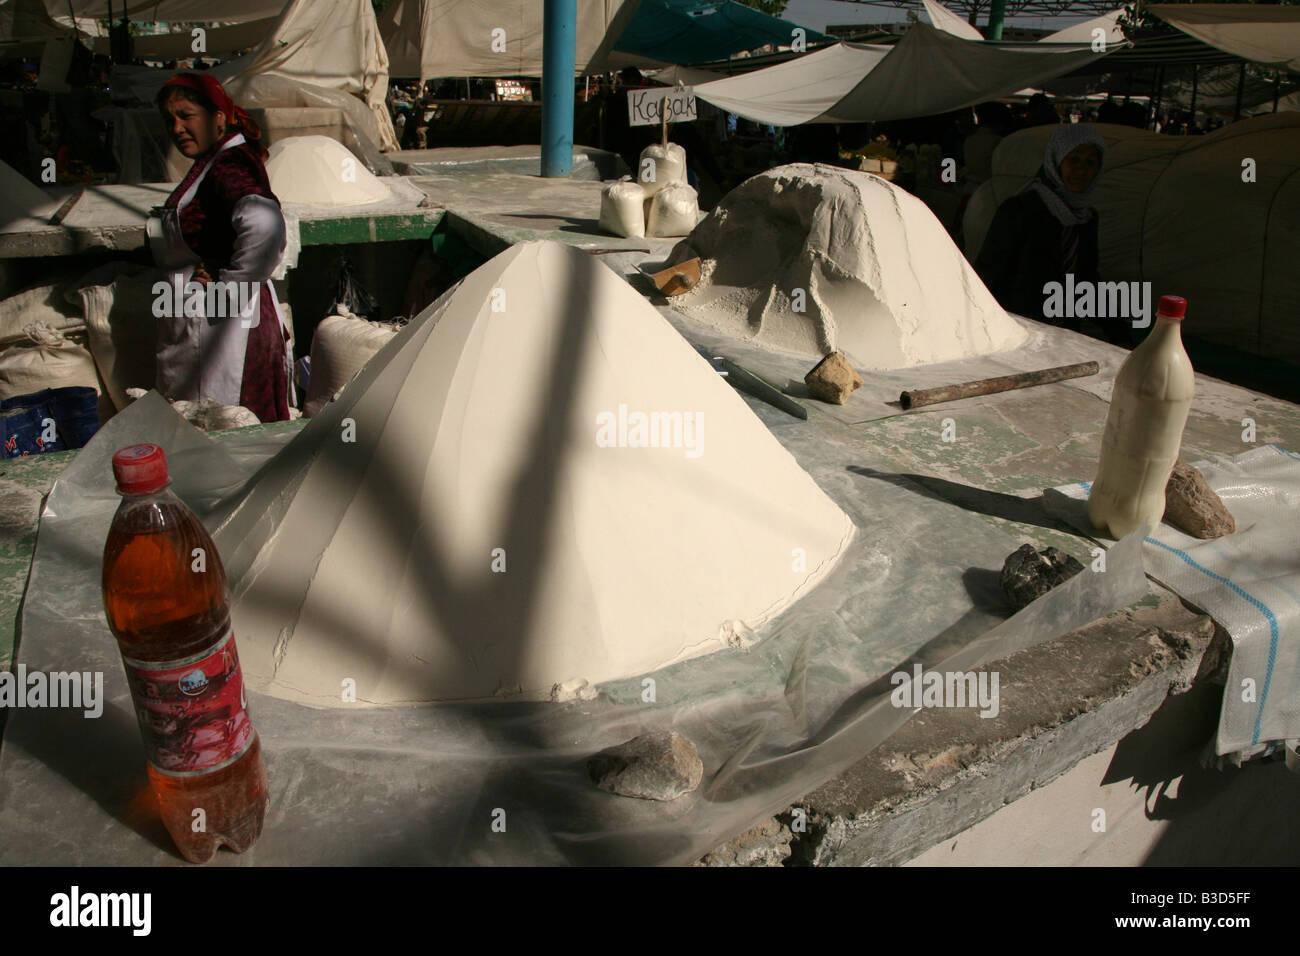 La vendita del fornitore di farina al mercato centrale in Urgench, Uzbekistan Immagini Stock